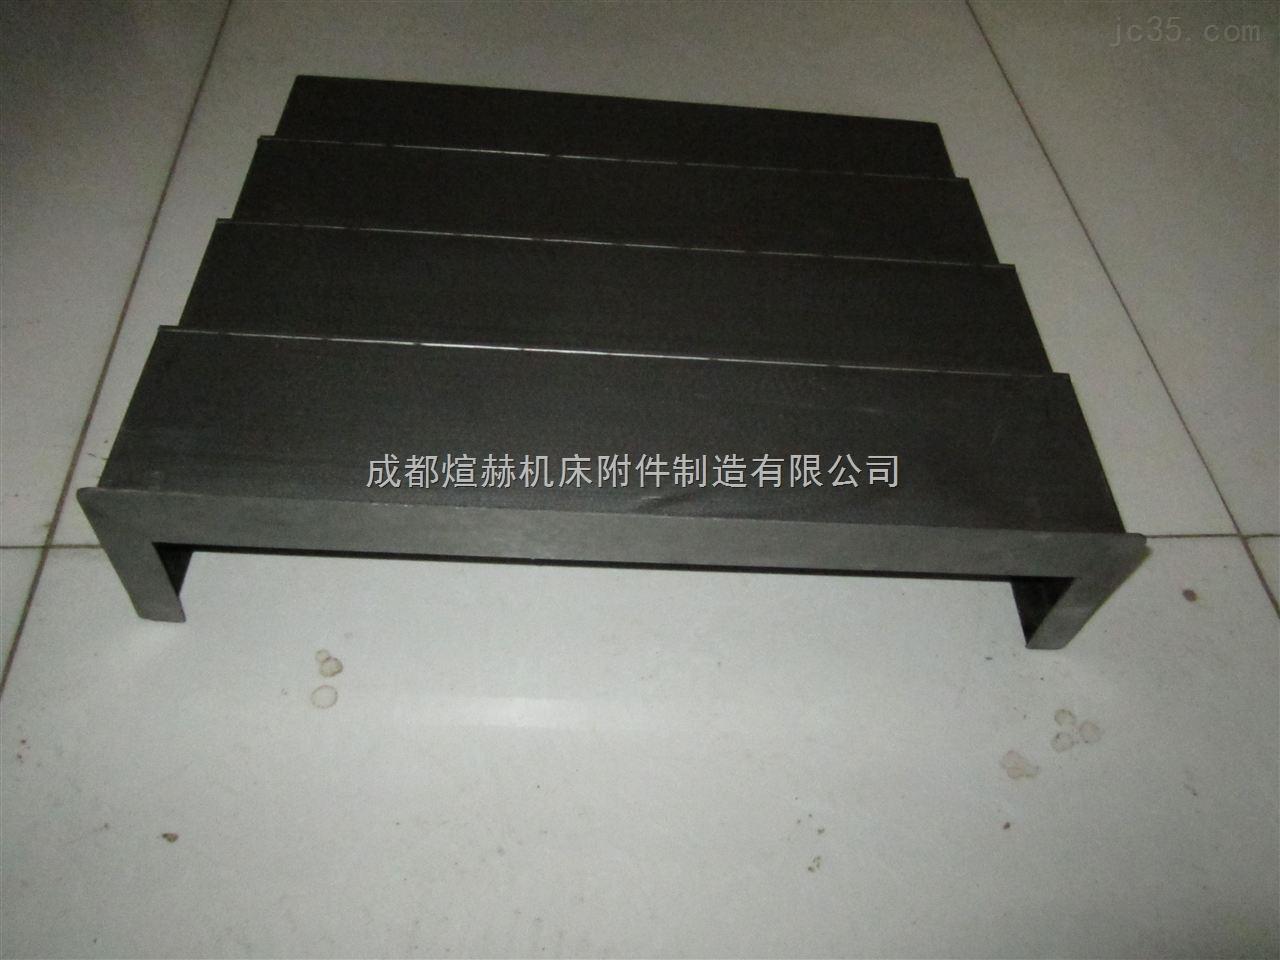 直线导轨风琴式防护罩产品图片